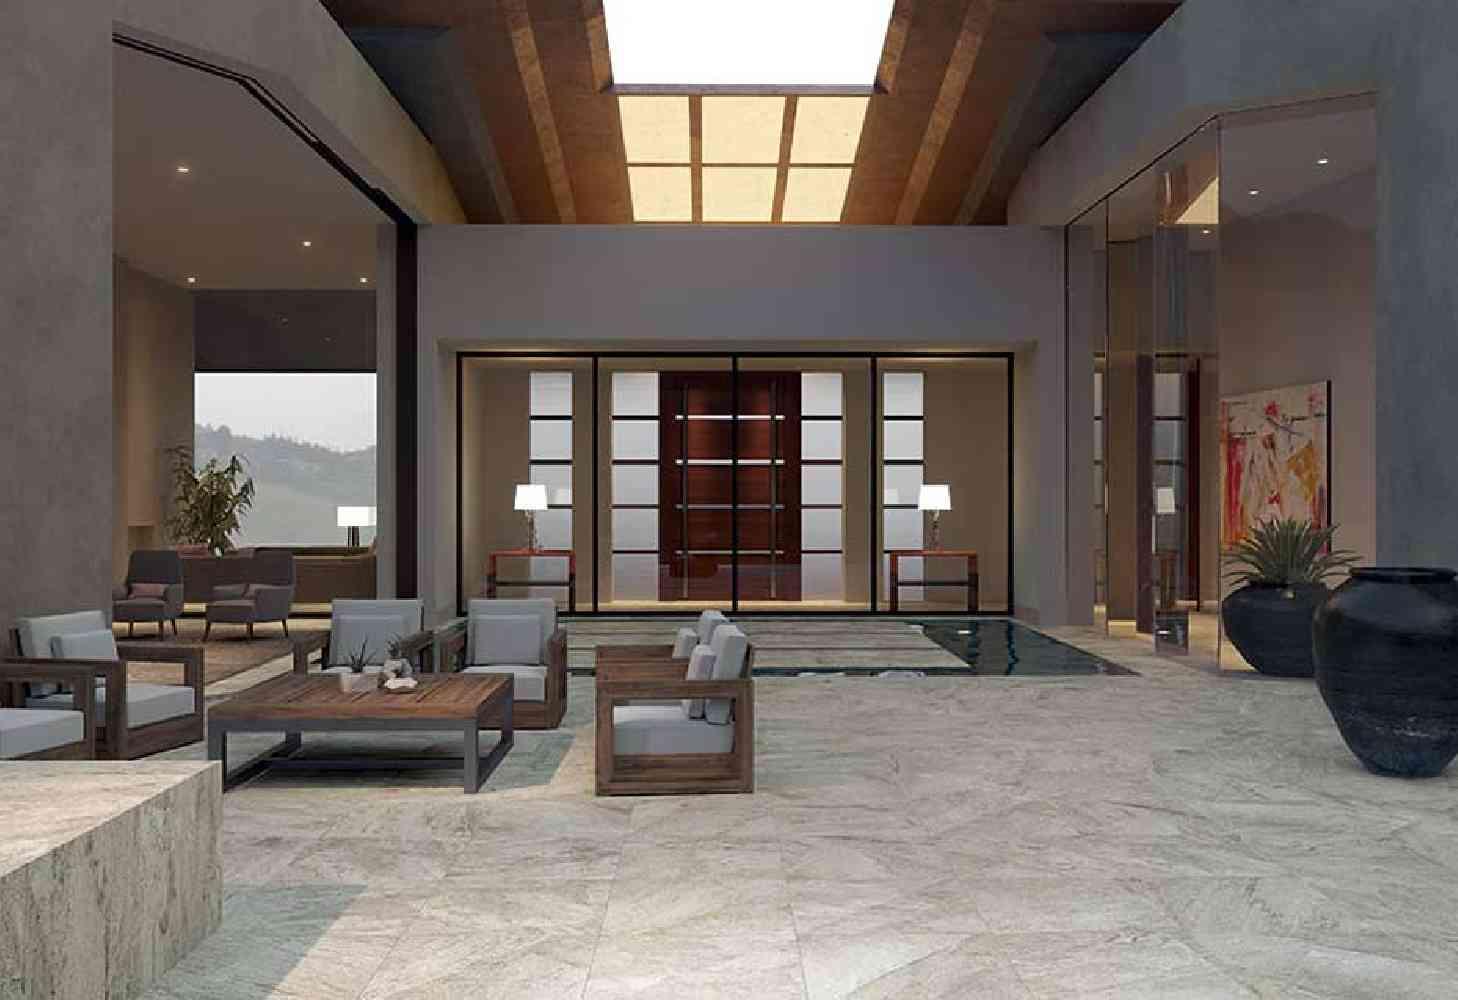 Carrelage Imitation Parquet 30X60 carrelage extérieur 30x60 quartz r11a+b+c castelvetro